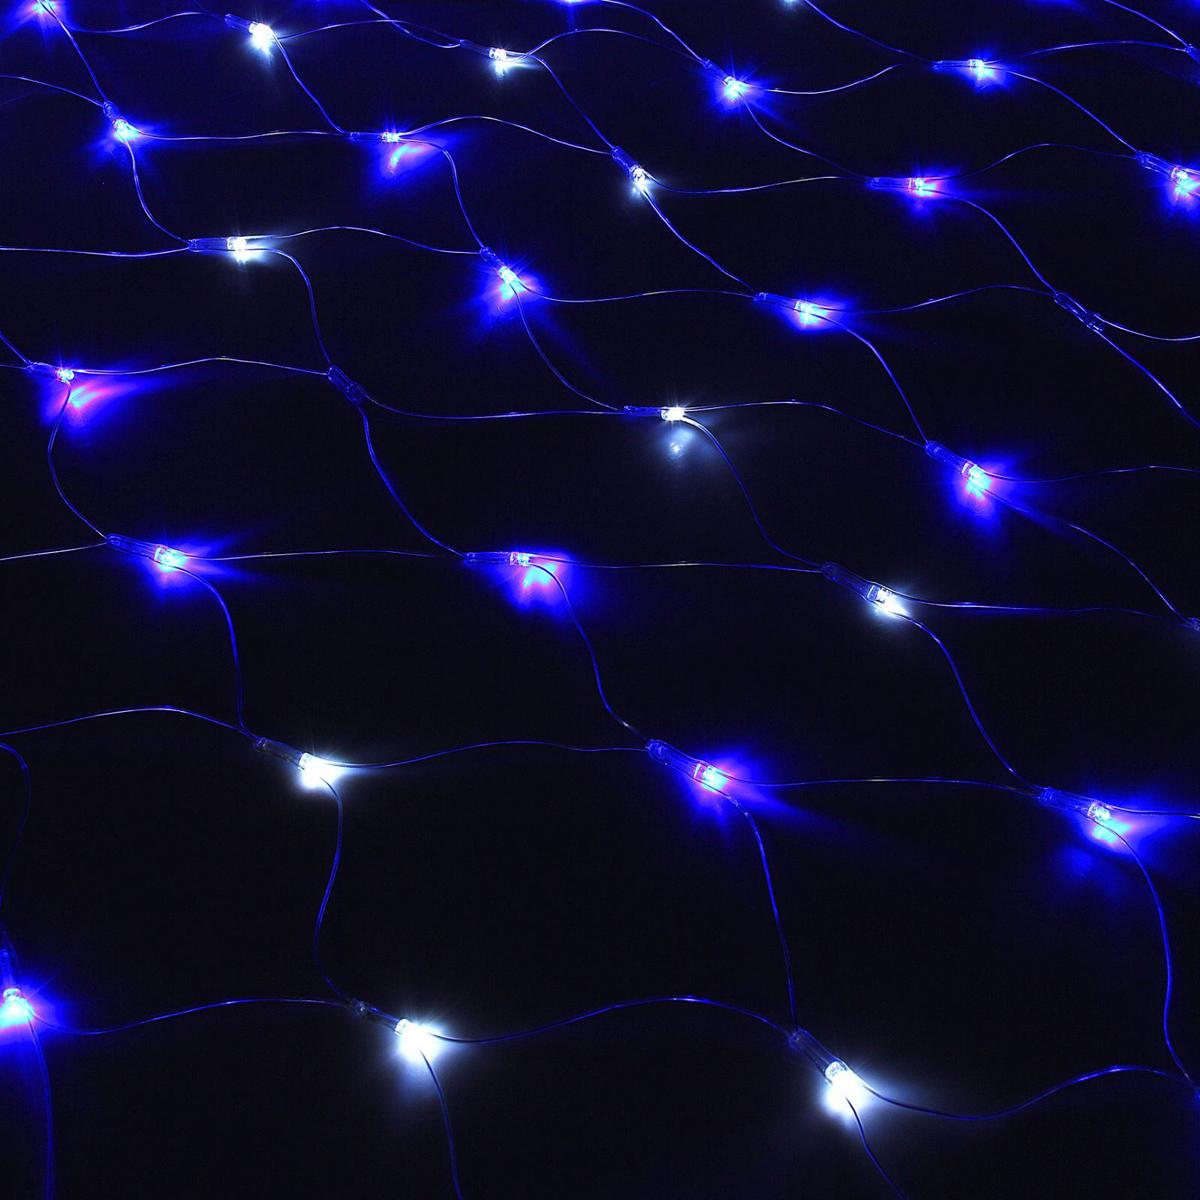 Гирлянда Luazon Сетка, длина 1,5 м, LED 240 ламп, 220V, эффект мерцания, цвет: сине-белый1080506Светодиодные гирлянды, ленты и т.д — это отличный вариант для новогоднего оформления интерьера или фасада. С их помощью помещение любого размера можно превратить в праздничный зал, а внешние элементы зданий, украшенные ими, мгновенно станут напоминать очертания сказочного дворца. Такие украшения создают ауру предвкушения чуда. Деревья, фасады, витрины, окна и арки будто специально созданы, чтобы вы украсили их светящимися нитями.